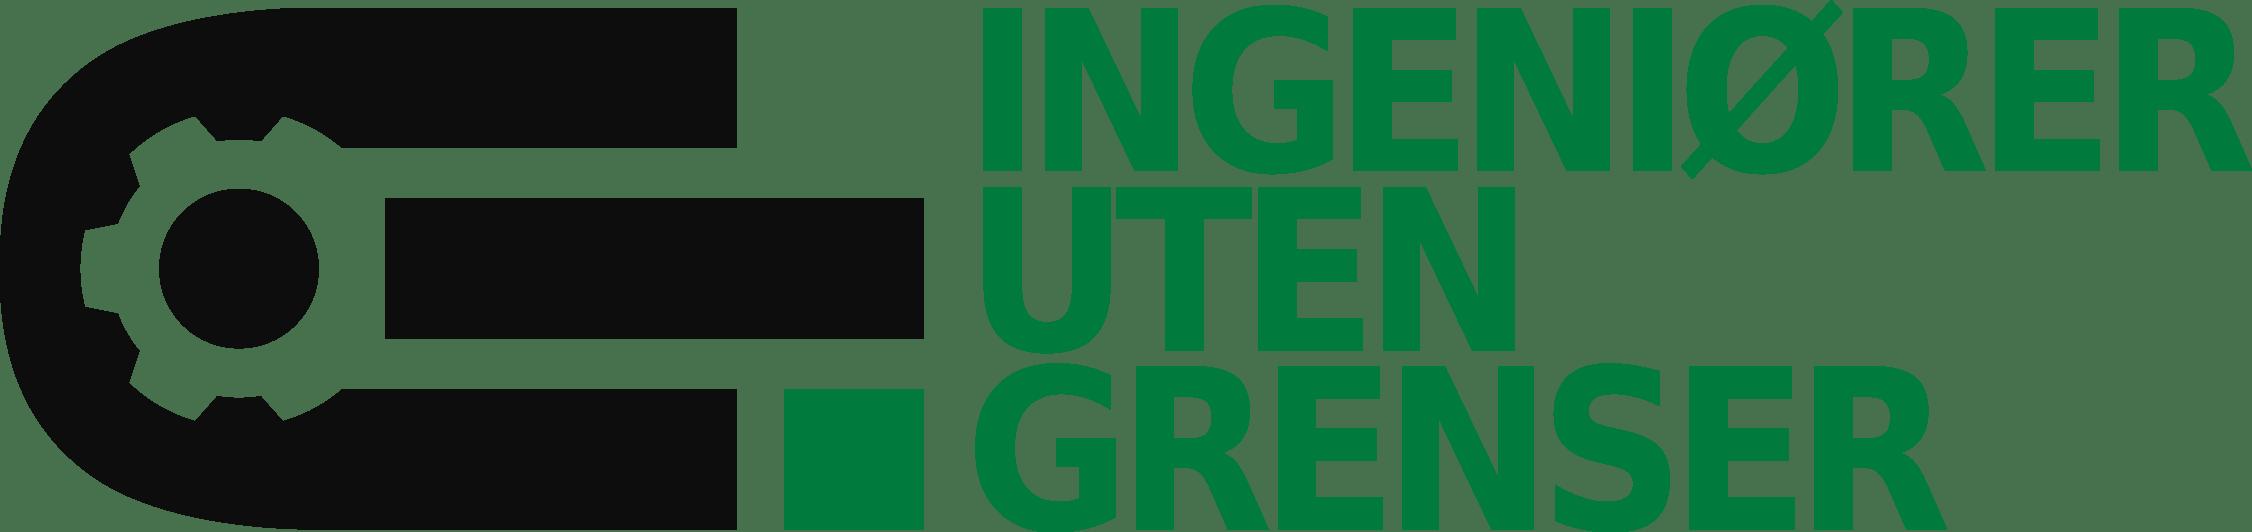 Ingeniører Uten Grenser (IUG) Norge